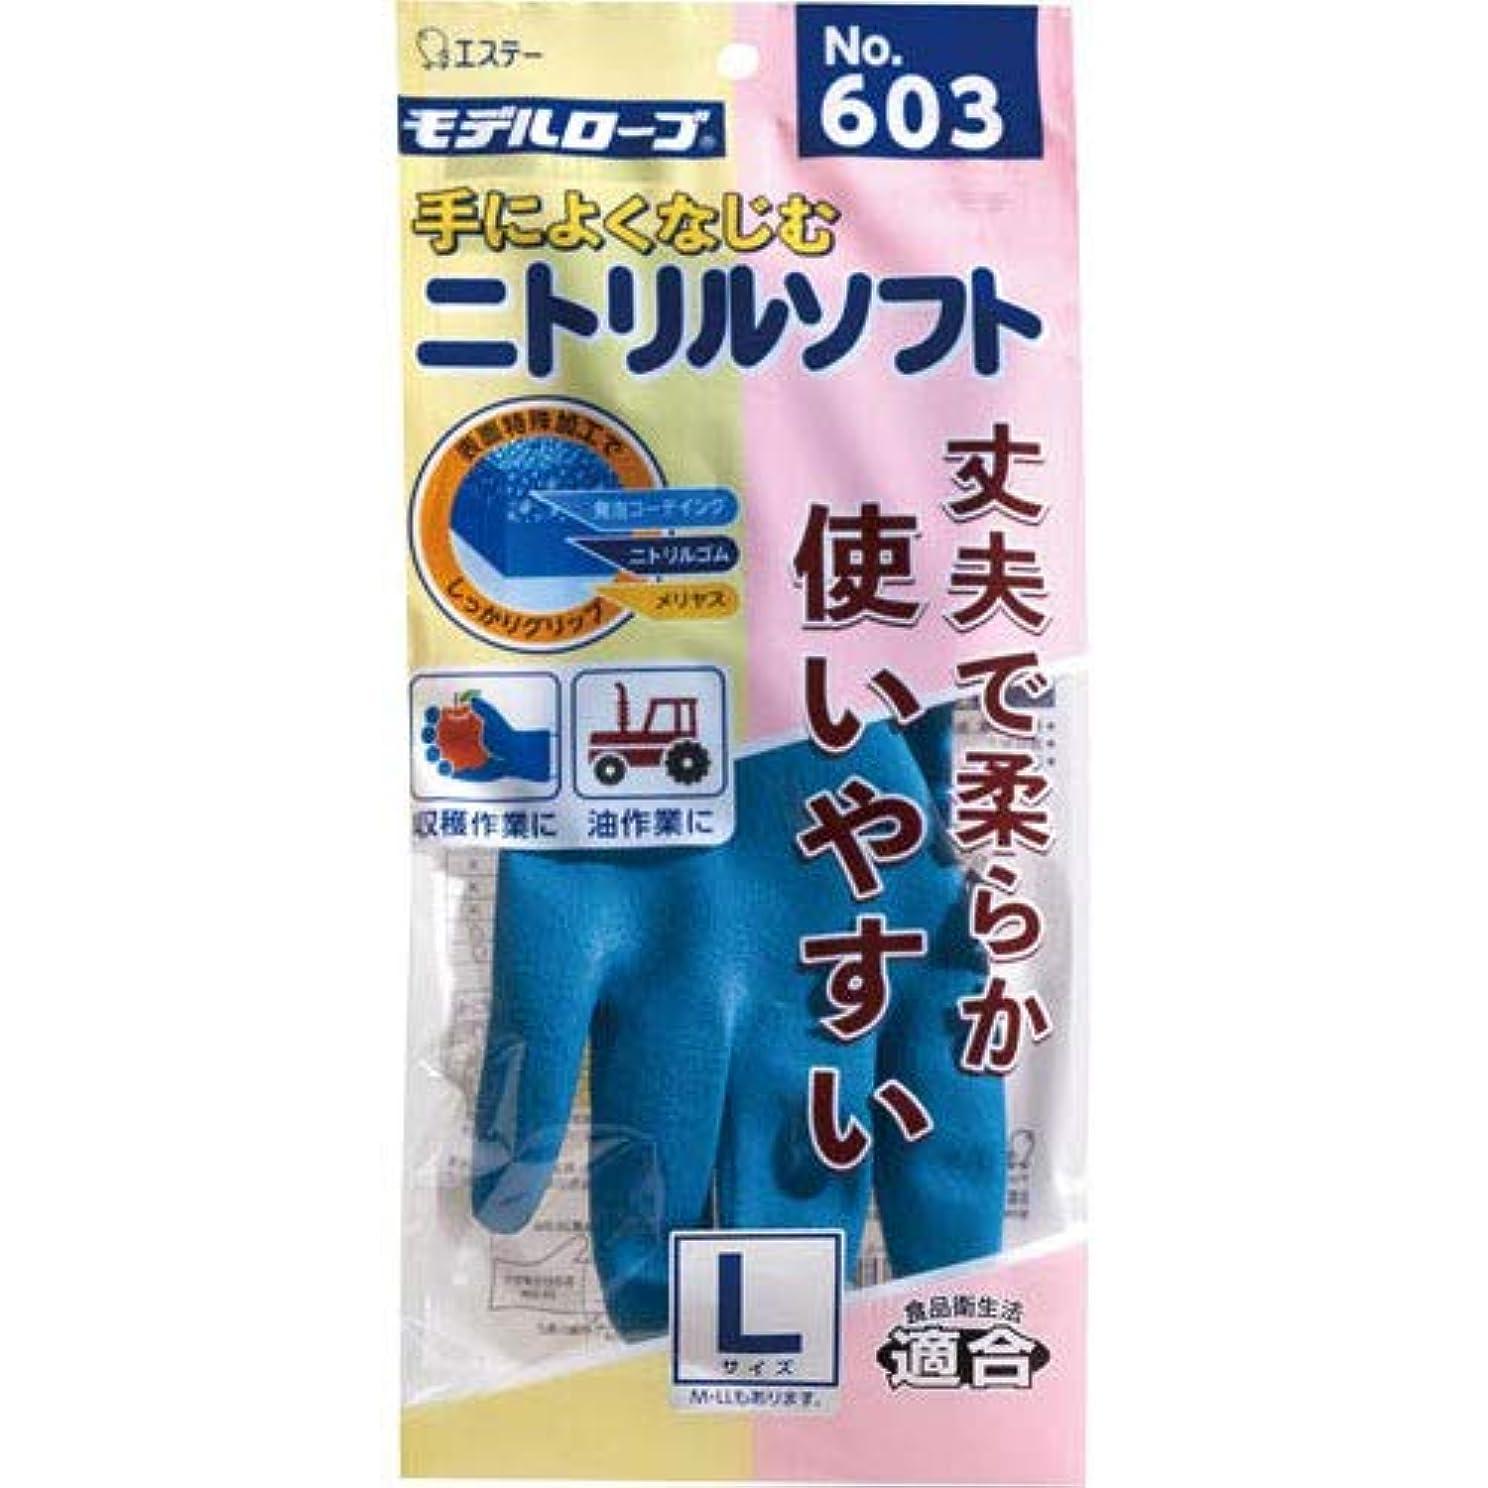 炎上宇宙飛行士盲信モデルローブ ニトリルソフト No.603 L